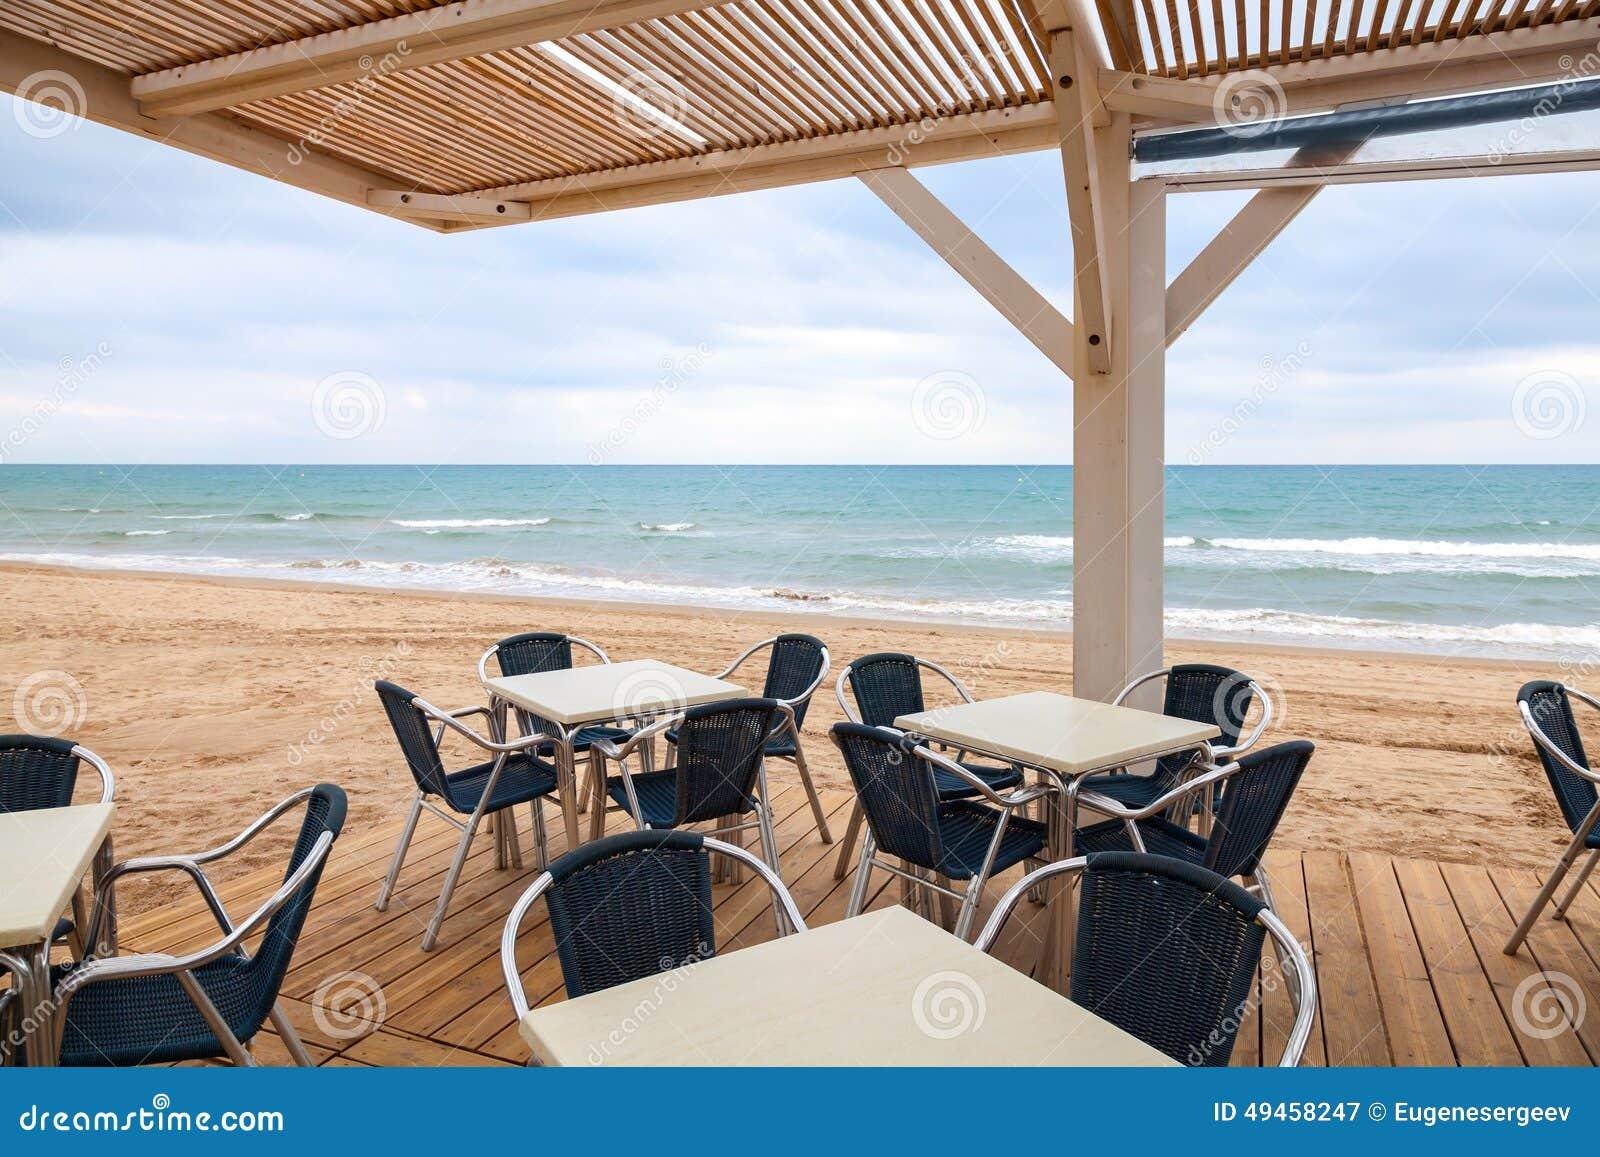 Open Space Seaside Bar Interior With Wooden Floor Stock